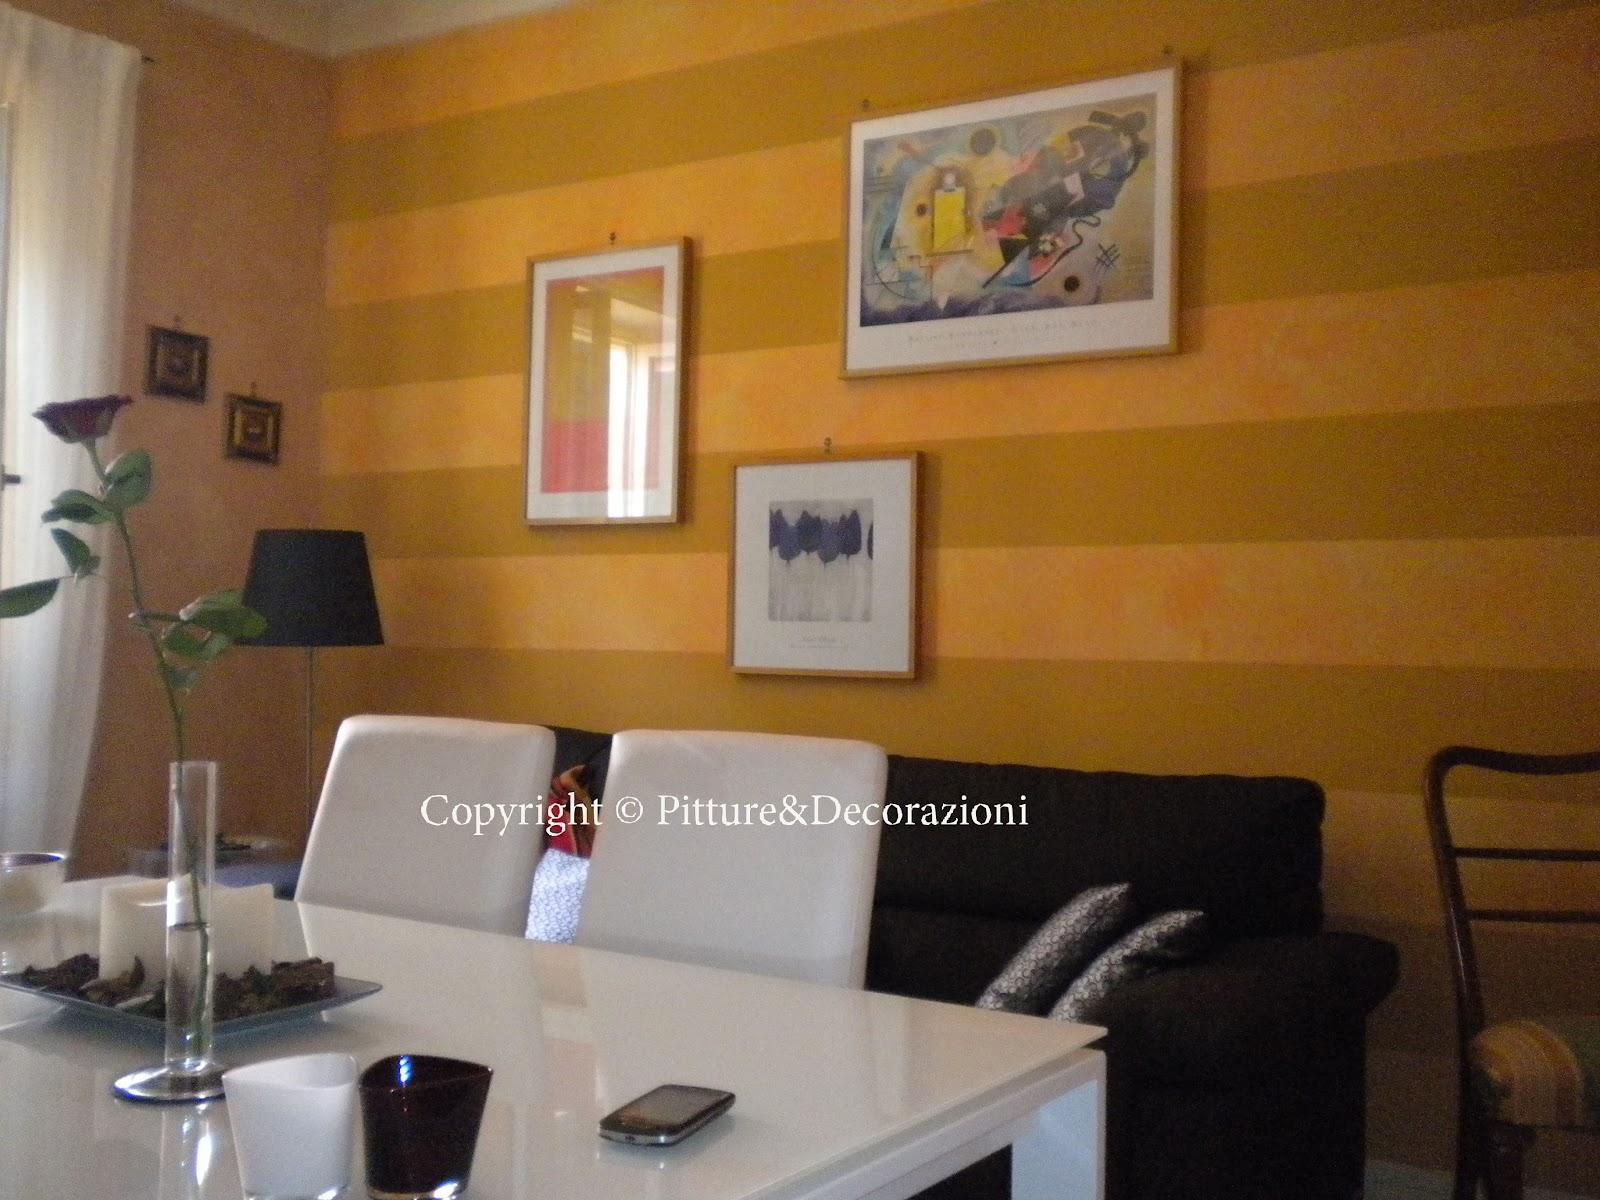 Pitture decorazioni parete salotto for Parete salotto